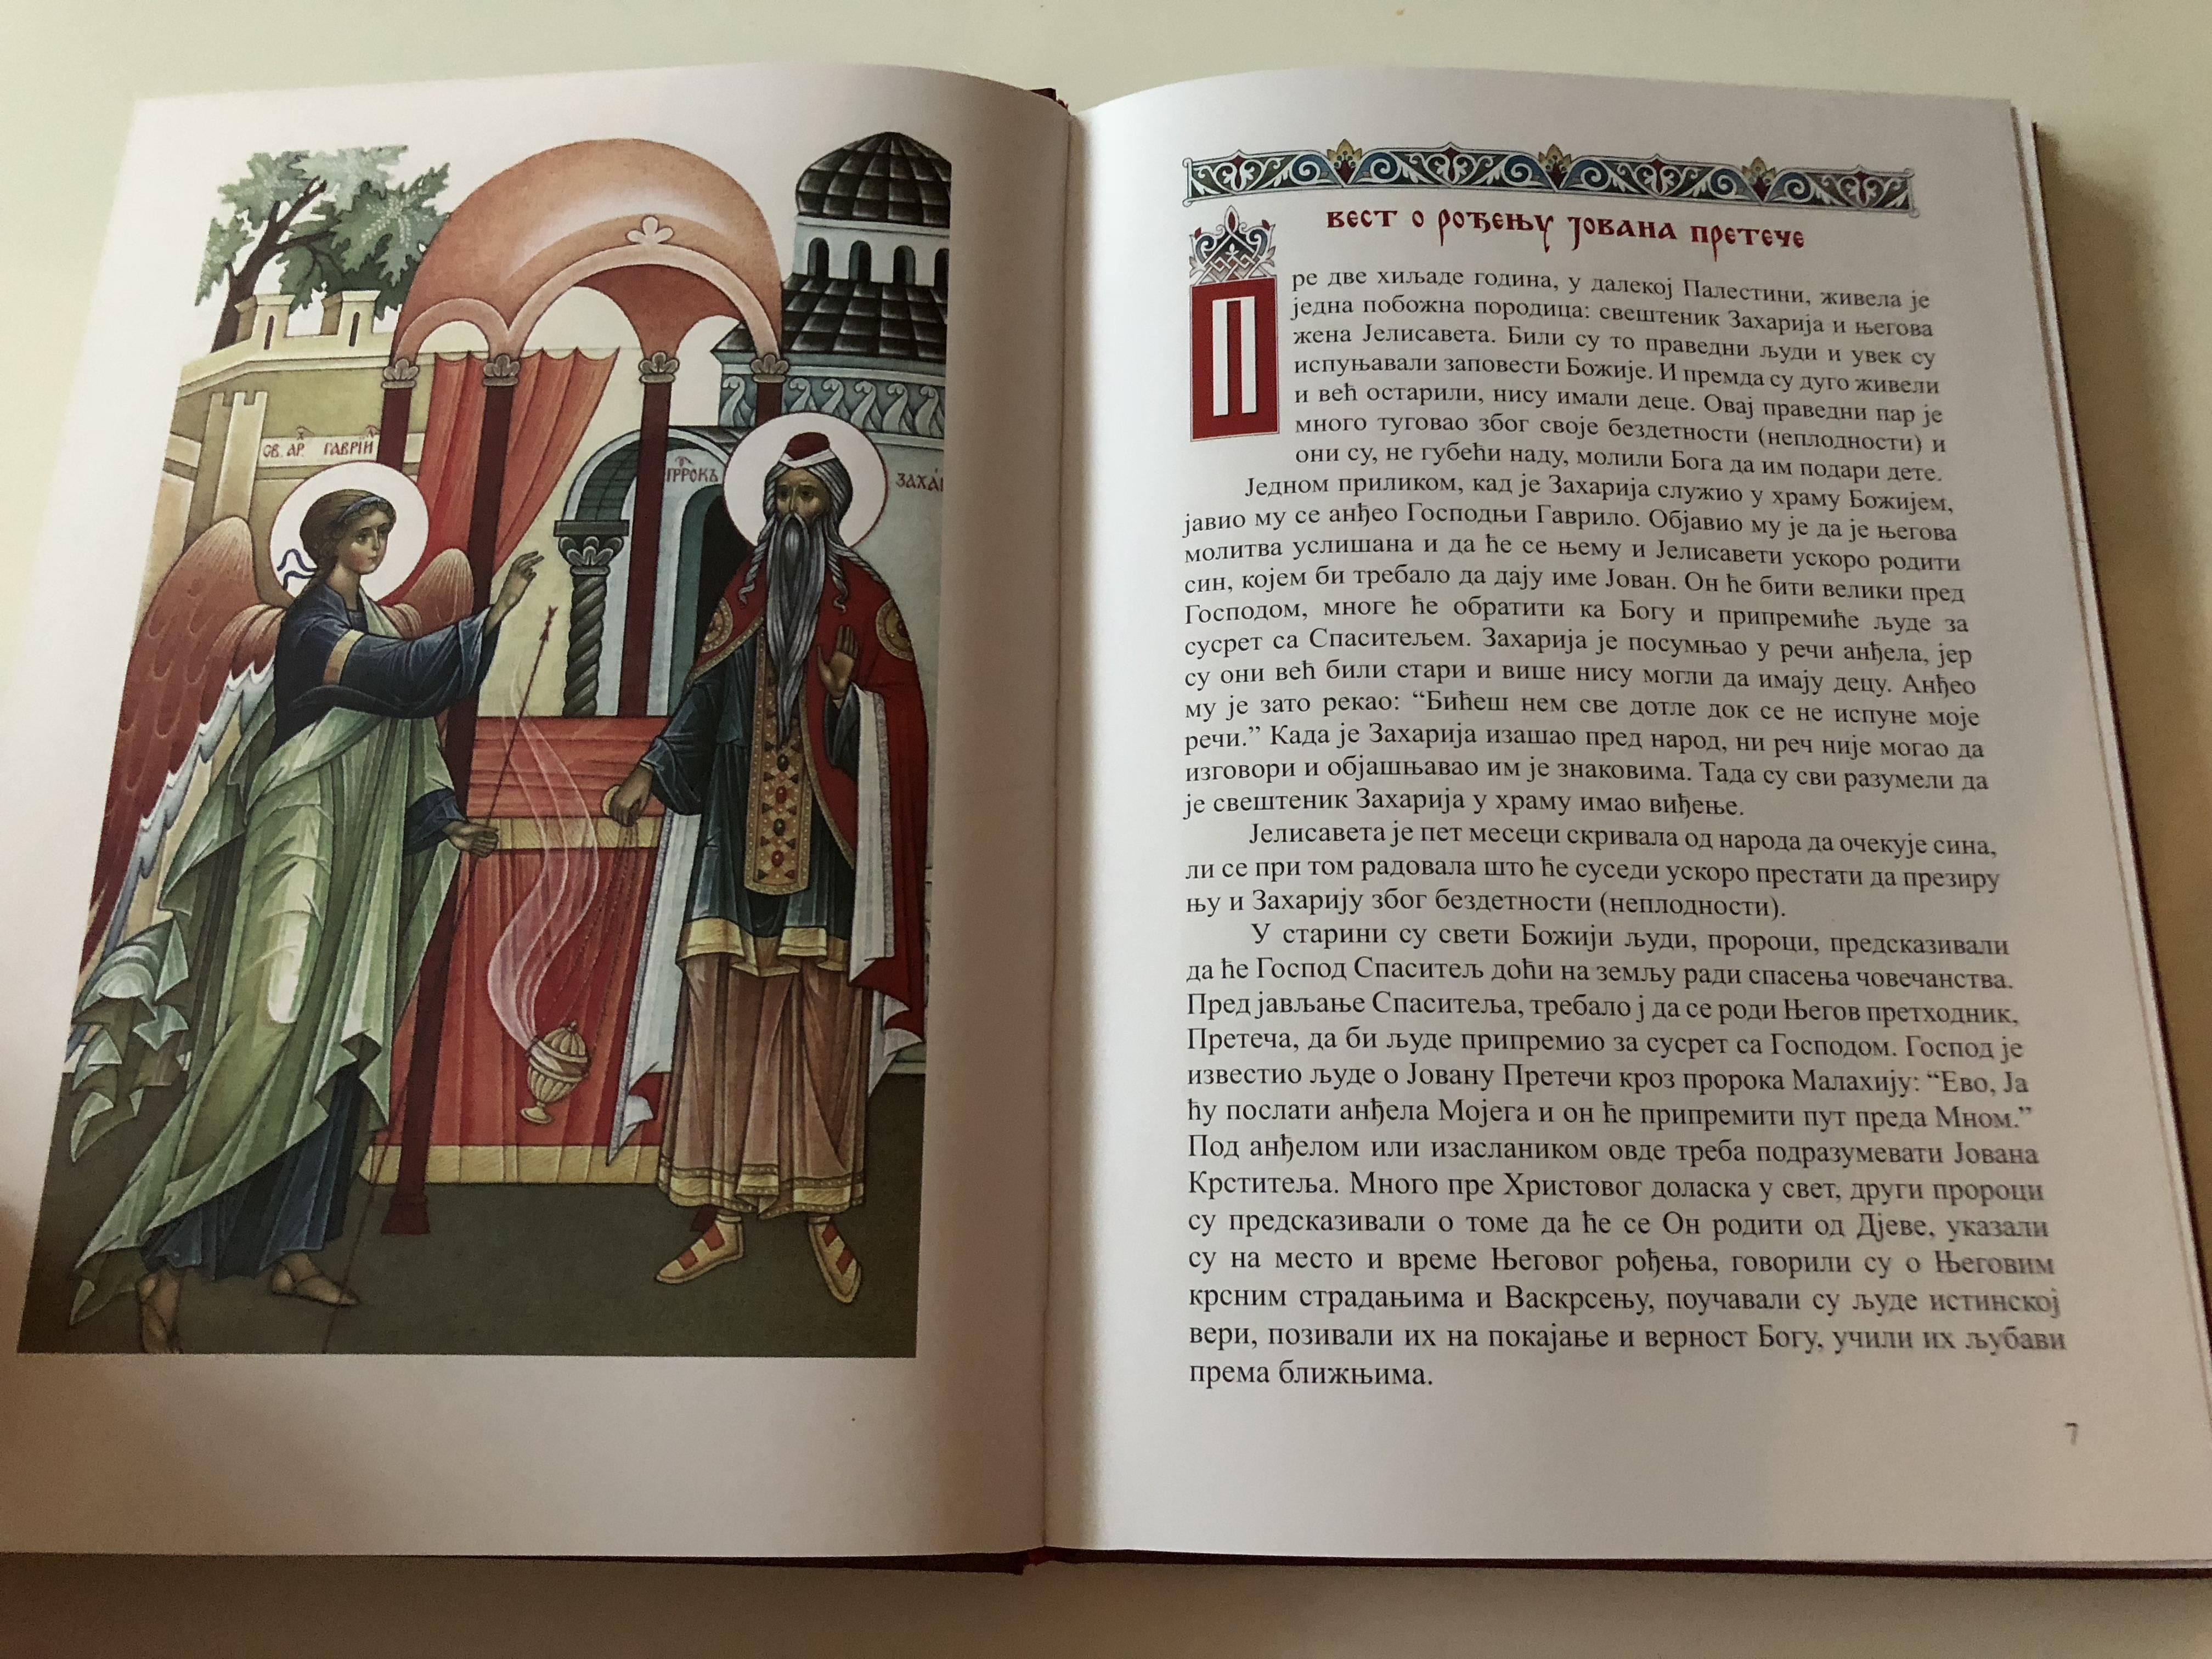 serbian-gospel-retold-for-children-5-.jpg